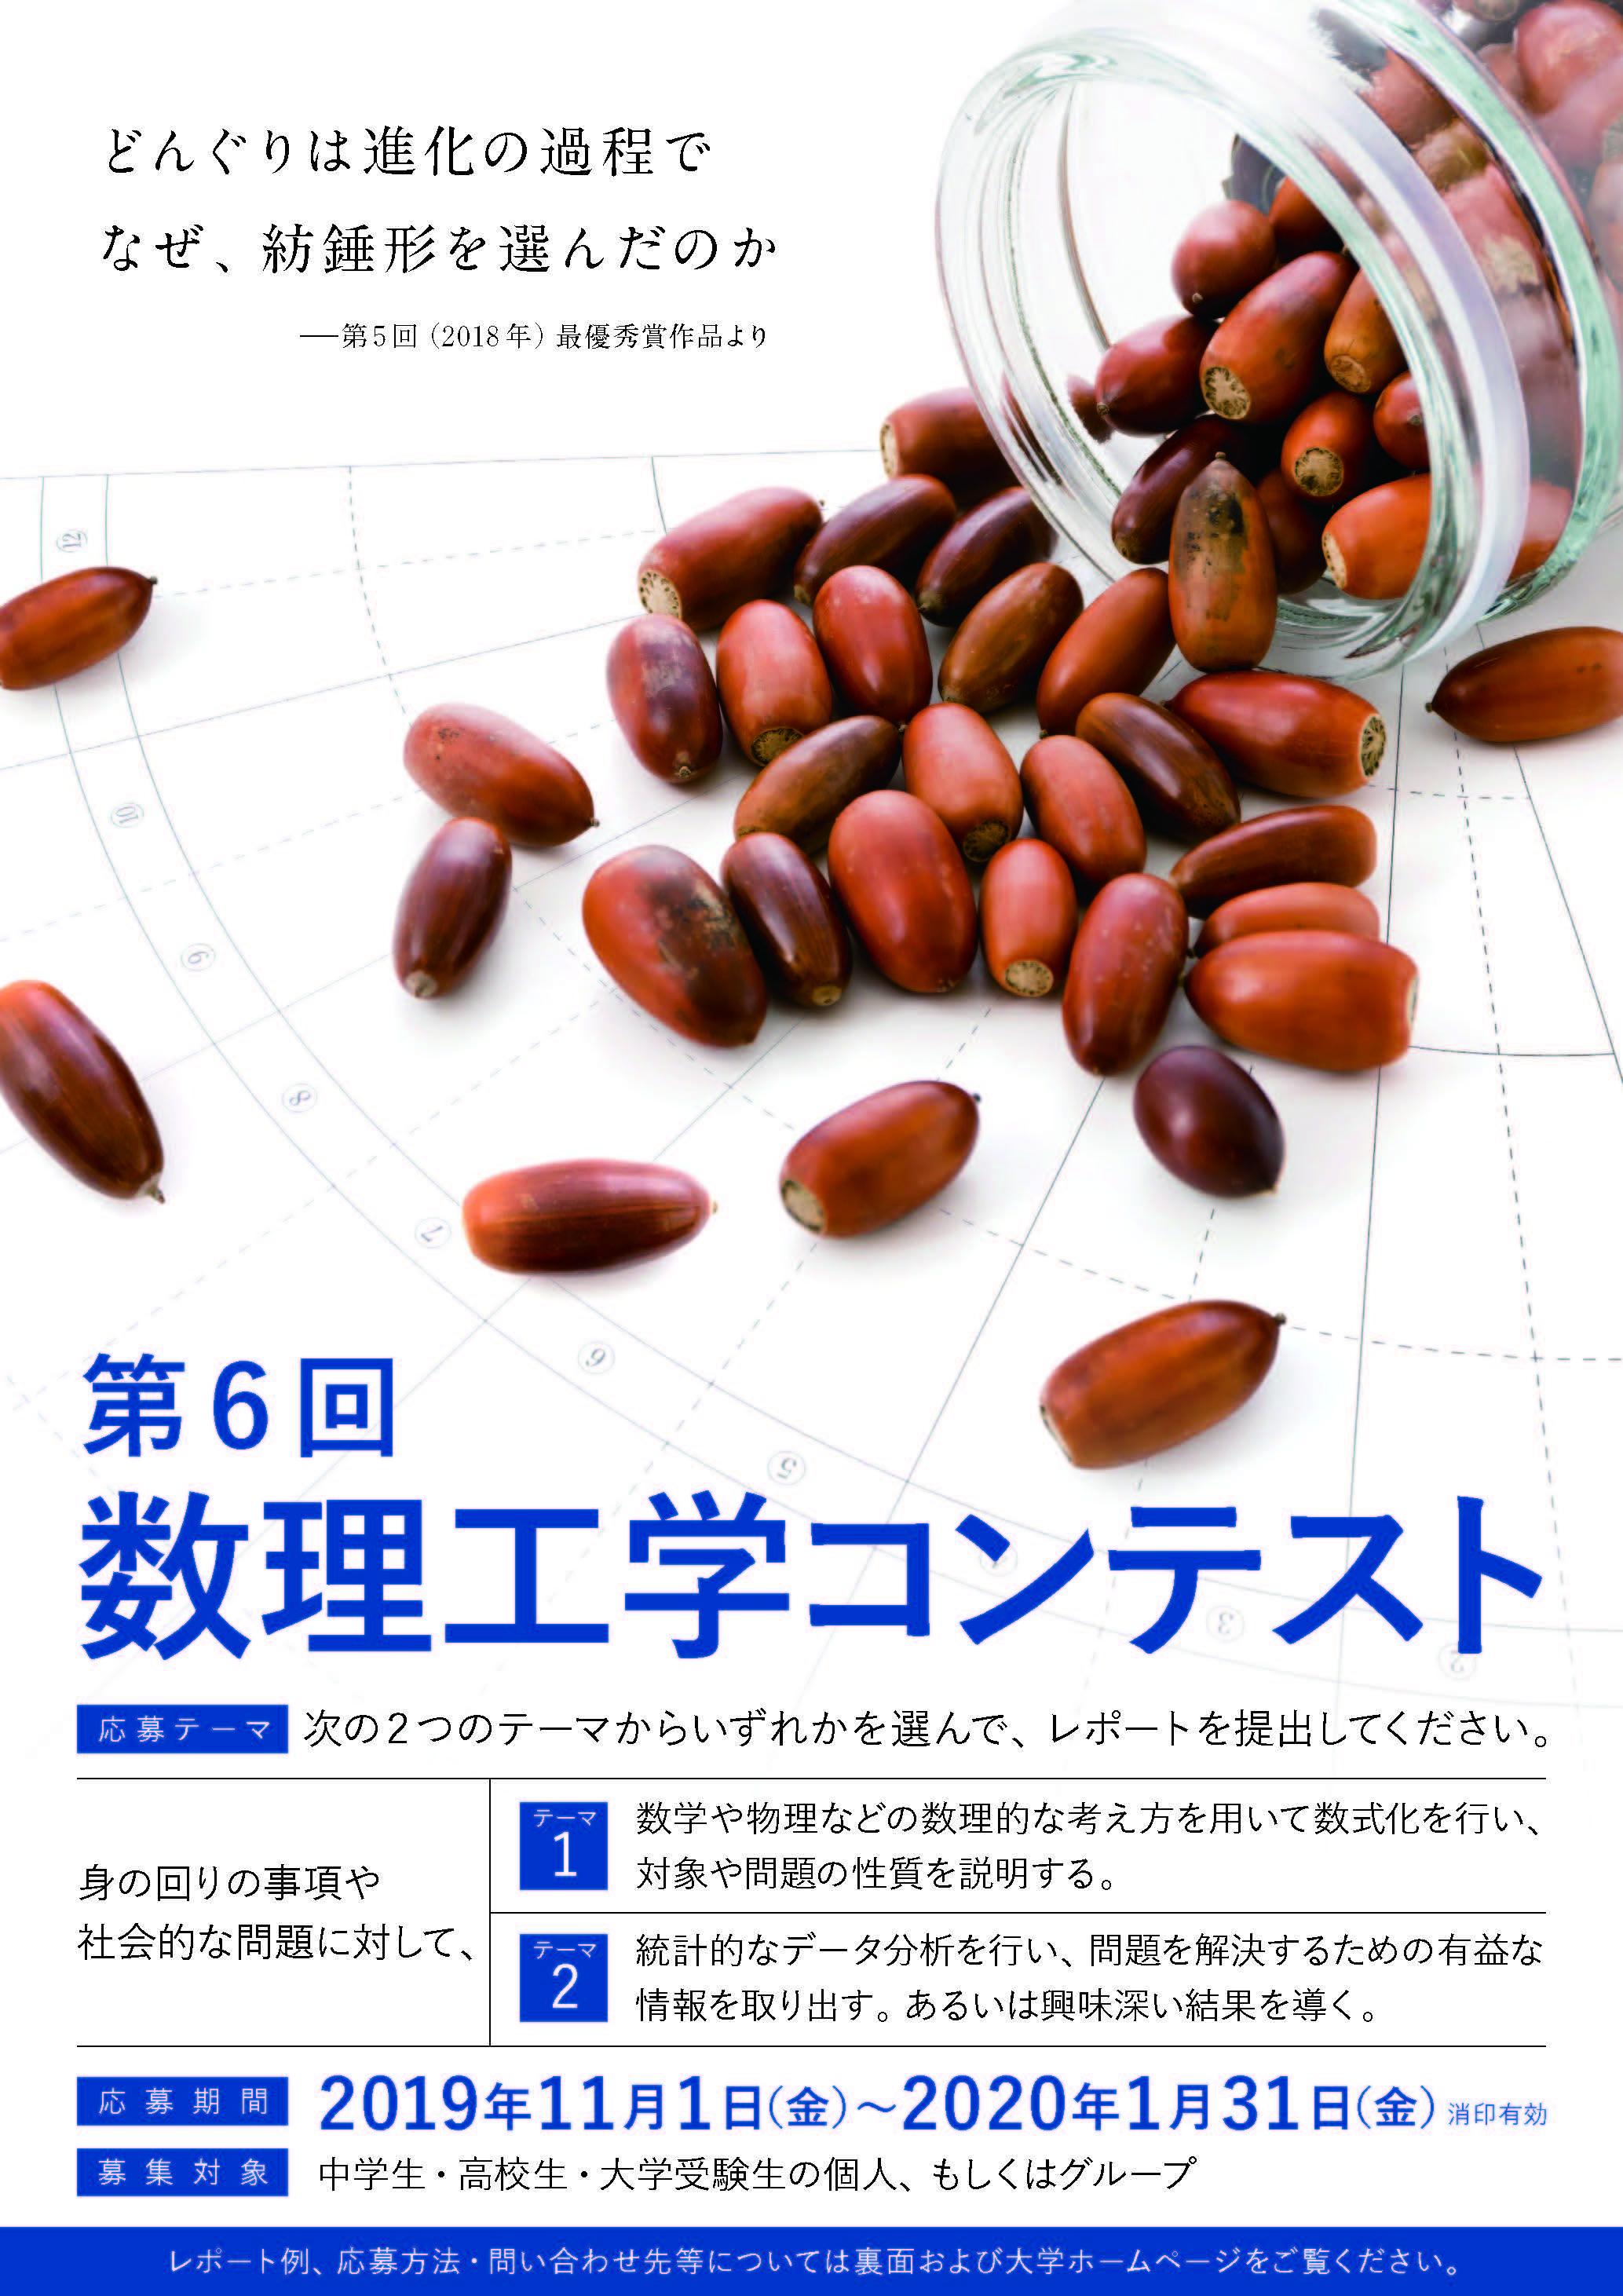 【武蔵野大学】世界中の不思議を数理で解き明かす。中学生・高校生対象の「第6回 数理工学コンテスト」を開催決定